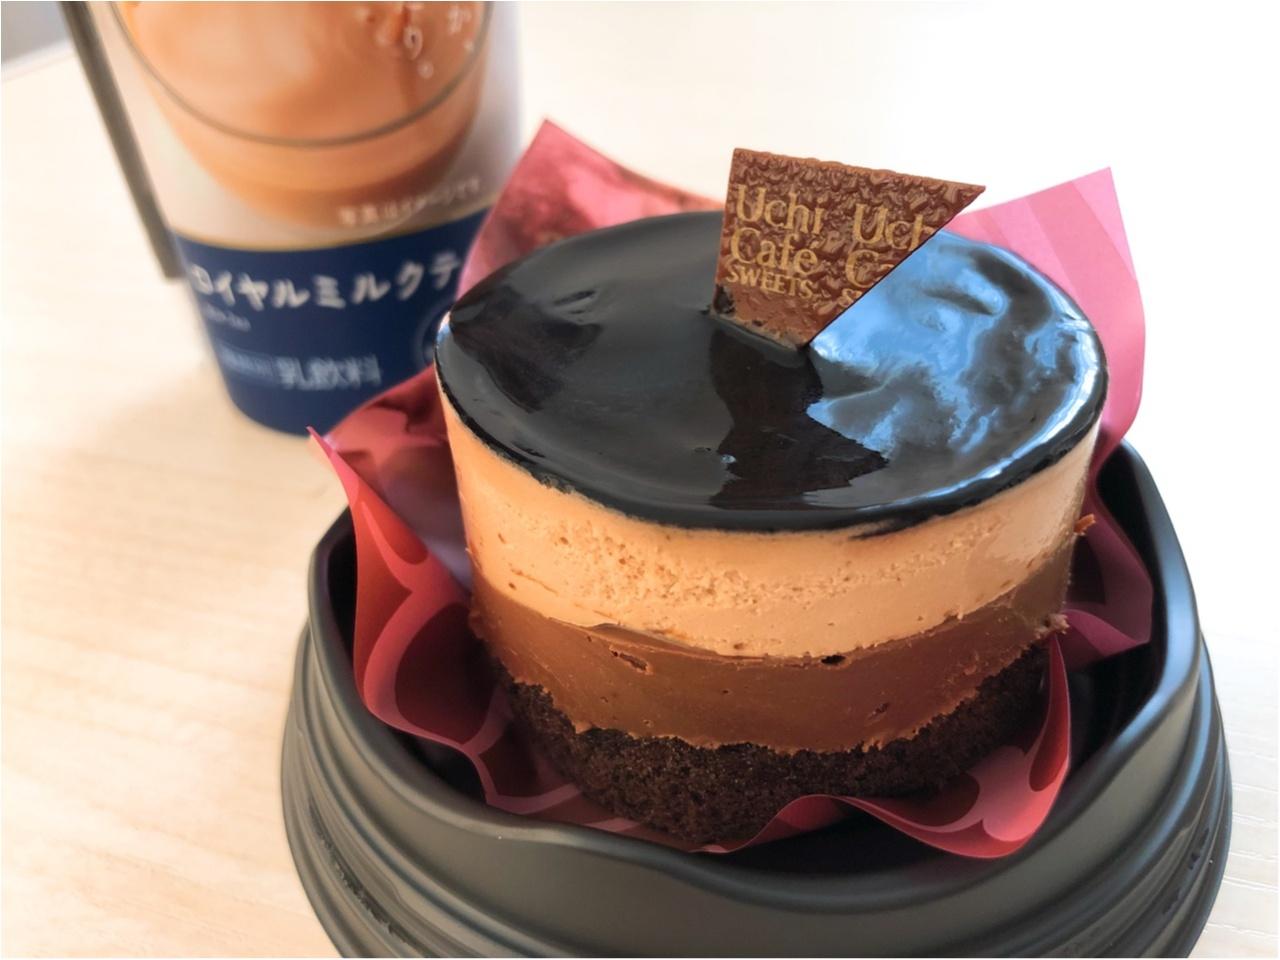 手軽におうちで本格チョコレートケーキを楽しむなら!ローソンのバレンタインスイーツがおすすめ!!_2